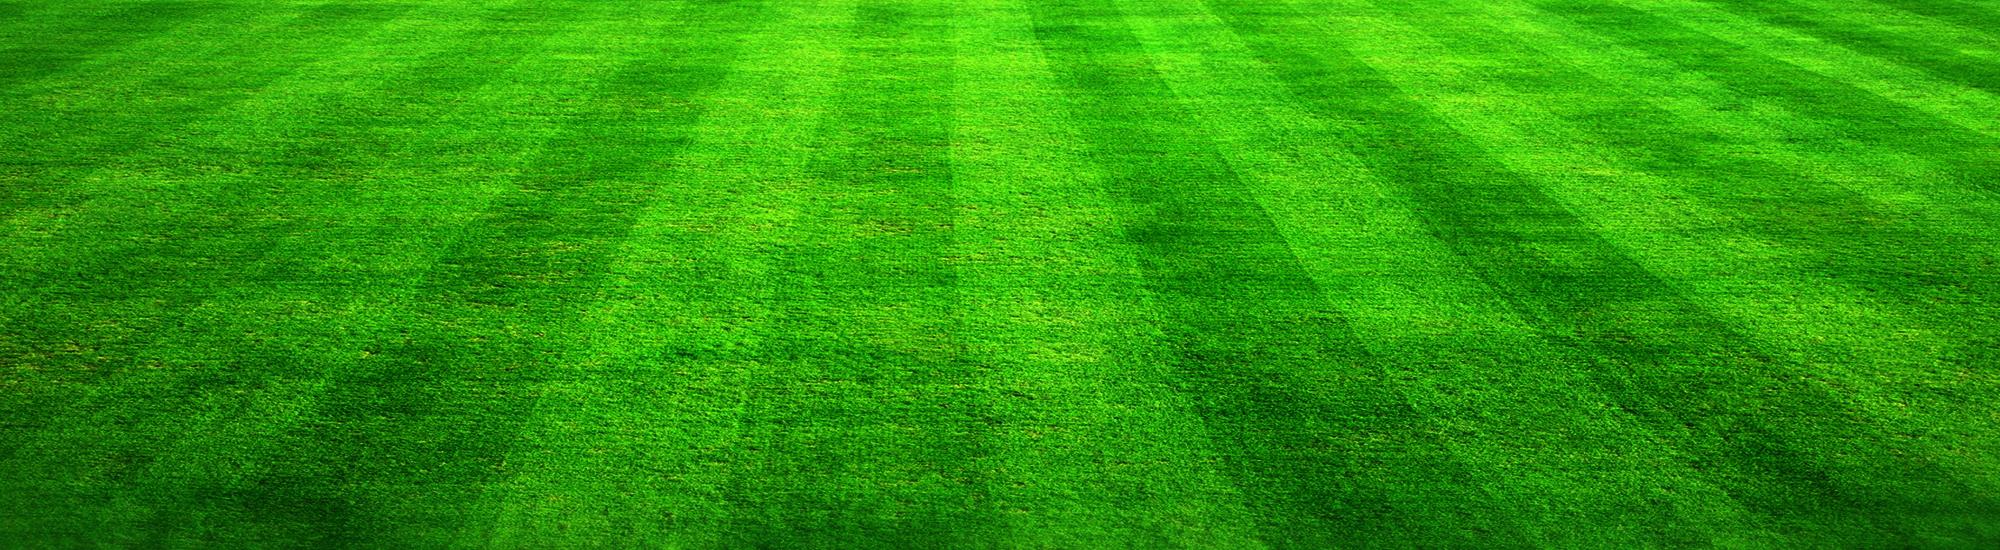 bg_grass_3